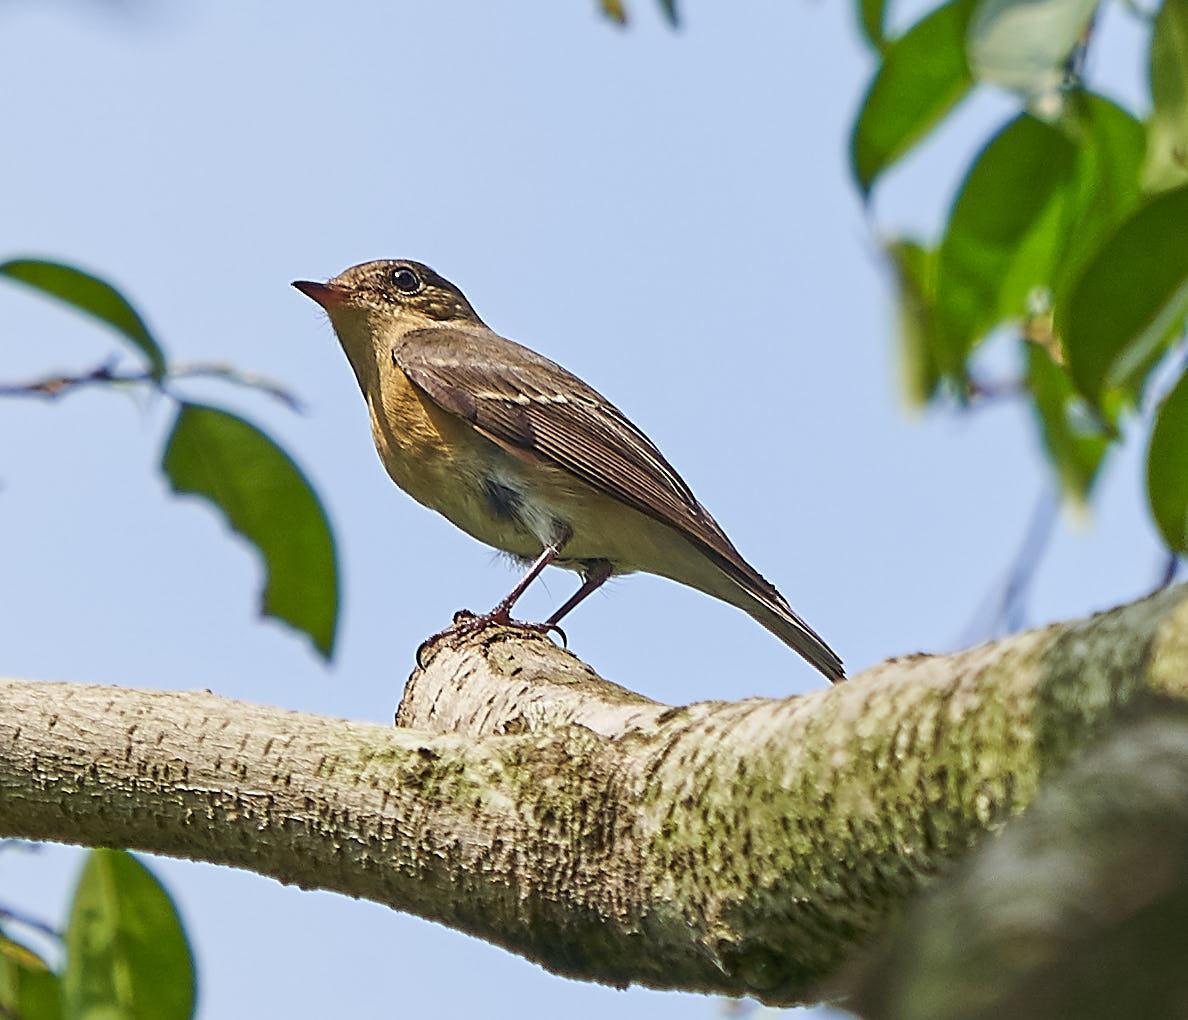 Mugimaki Flycatcher Photo by Steven Cheong